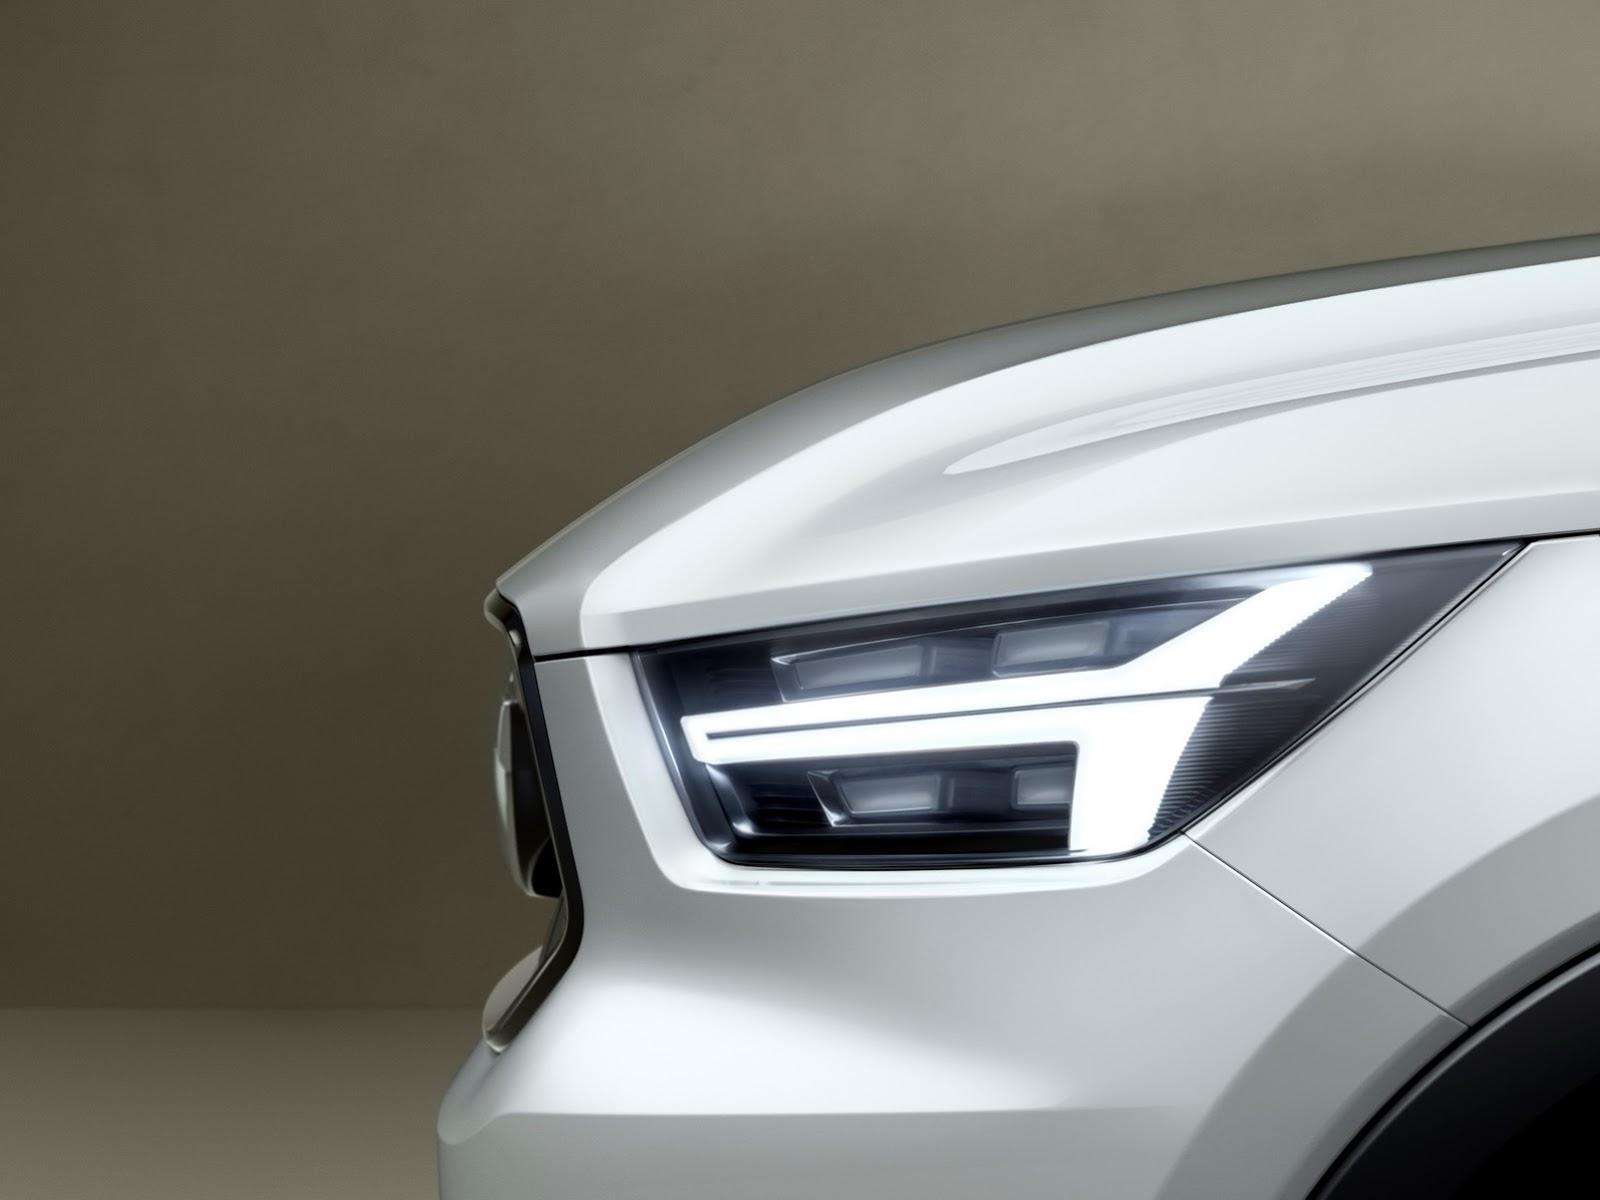 Lexus lf gh concept 2011 exterior detail 49 of 49 1600x1200 - Lexus Lf Gh Concept 2011 Exterior Detail 49 Of 49 1600x1200 36